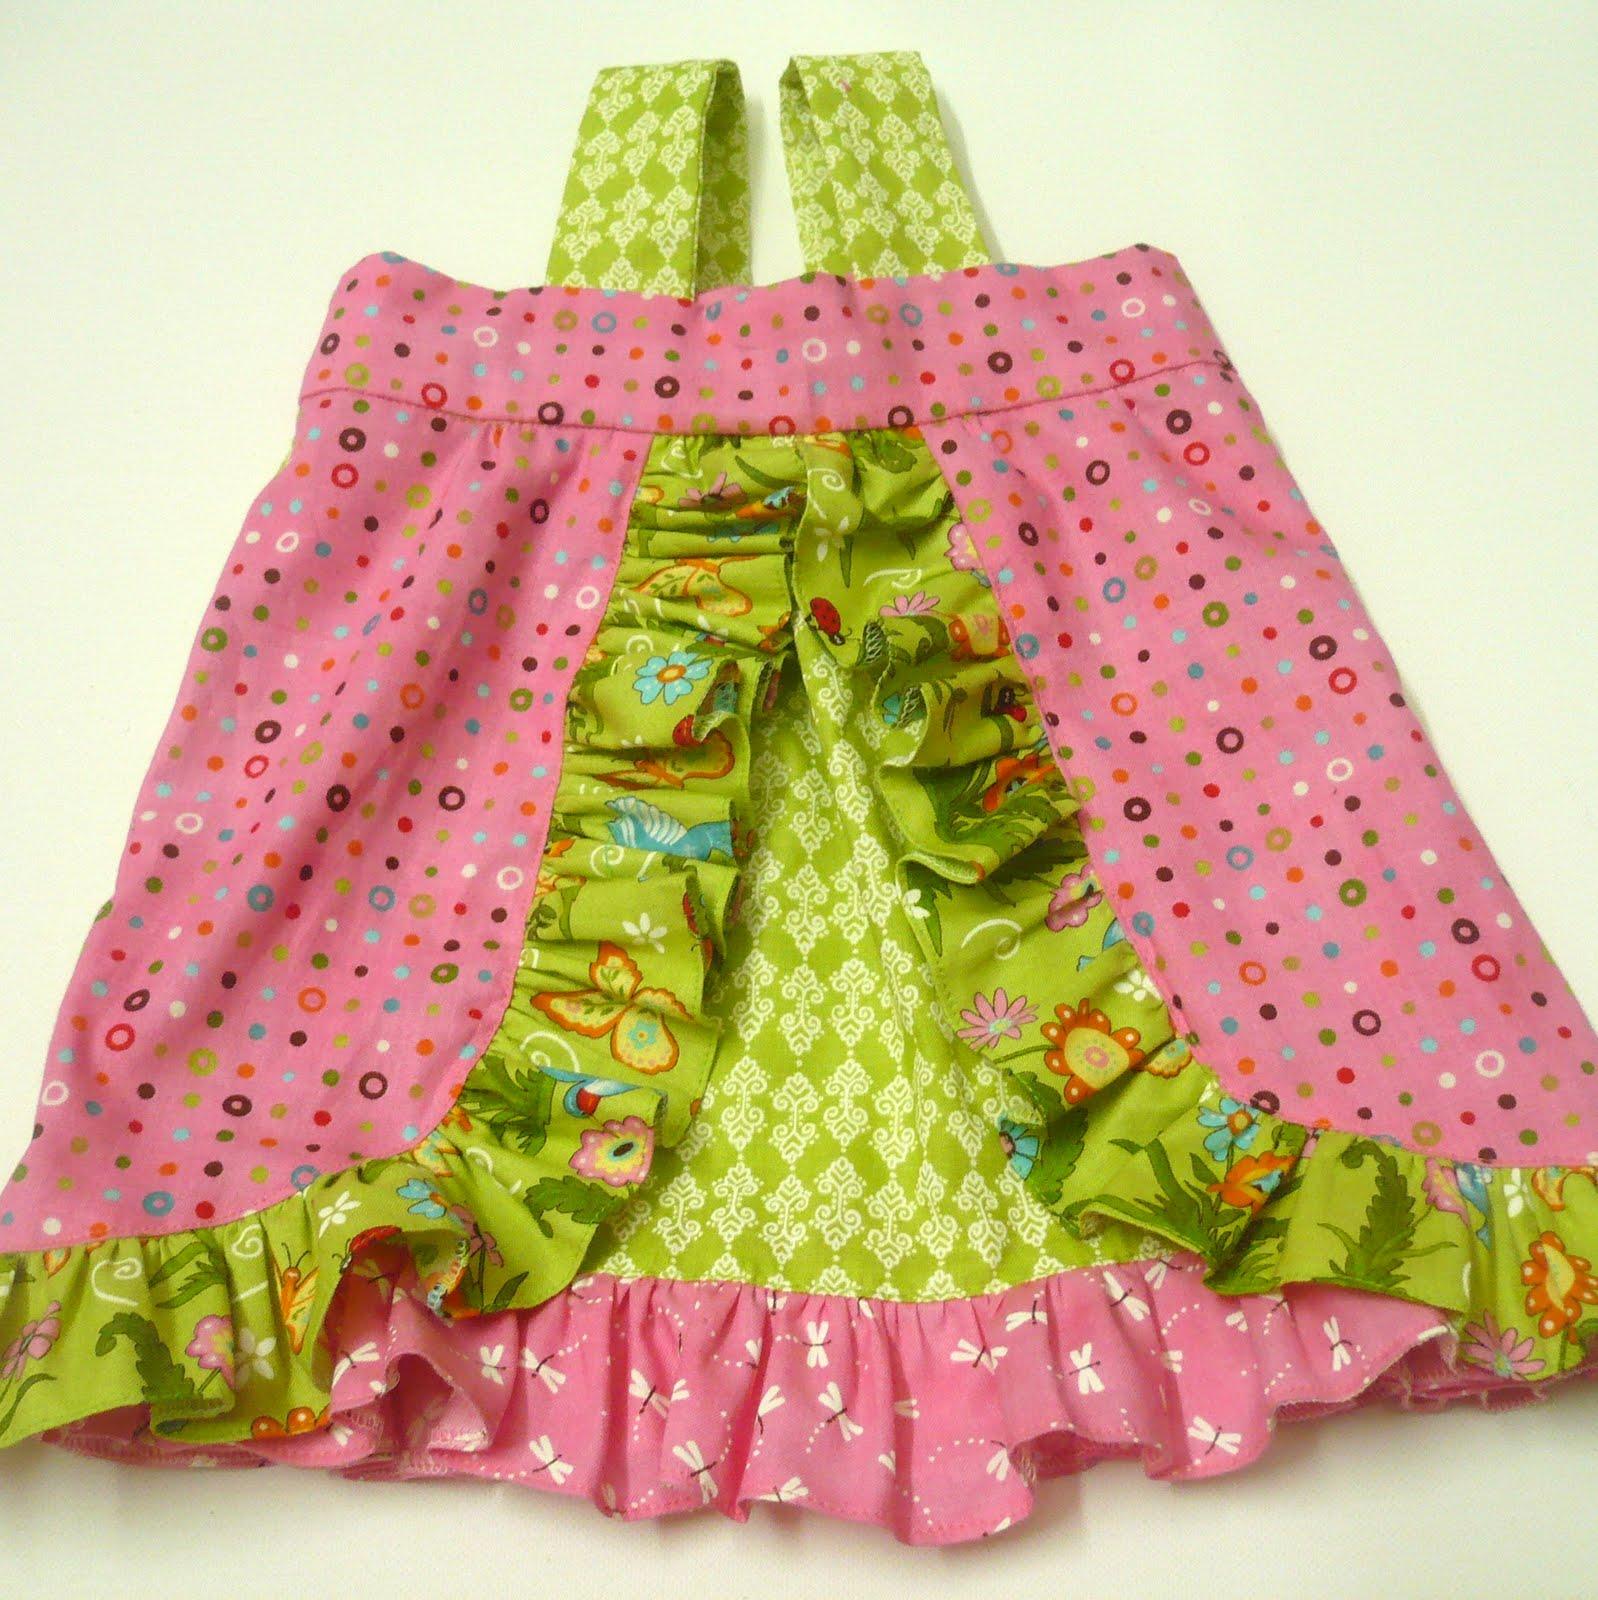 My little butterfly infant romper moda bake shop my little butterfly infant romper jeuxipadfo Gallery